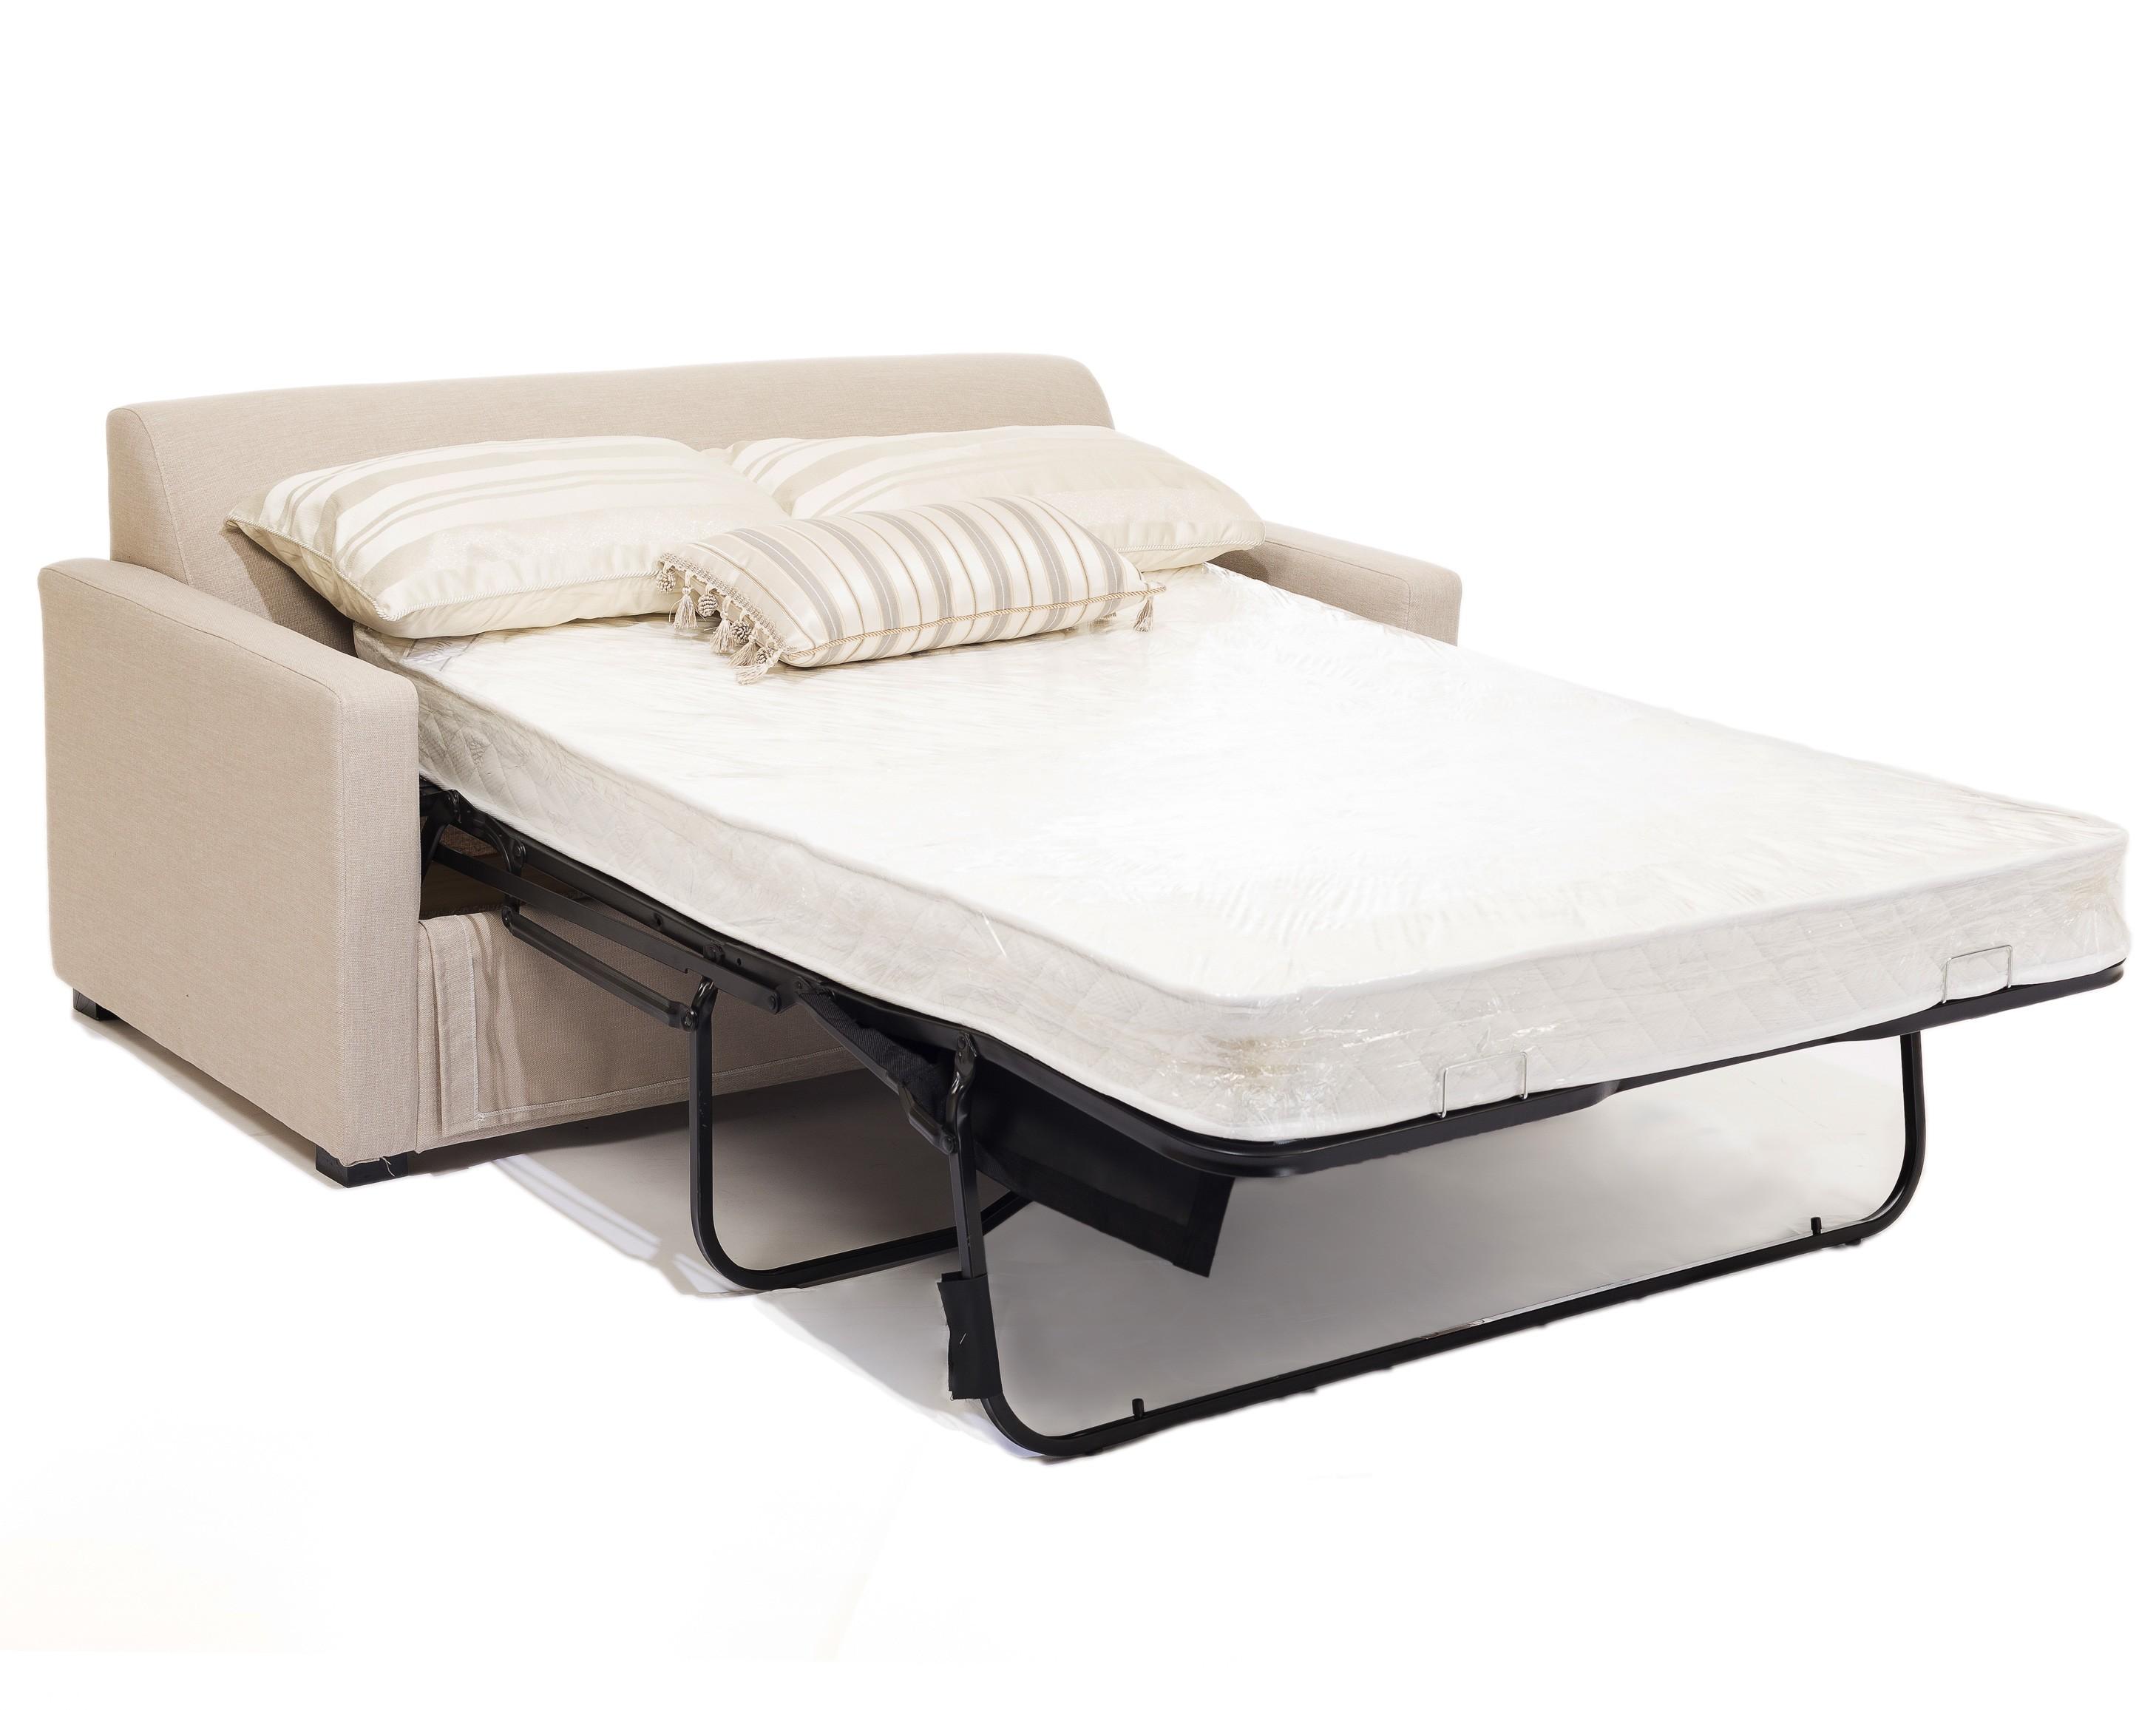 foldable sofa bed mattress 3-fold sofa bed mattress NAXHEJB